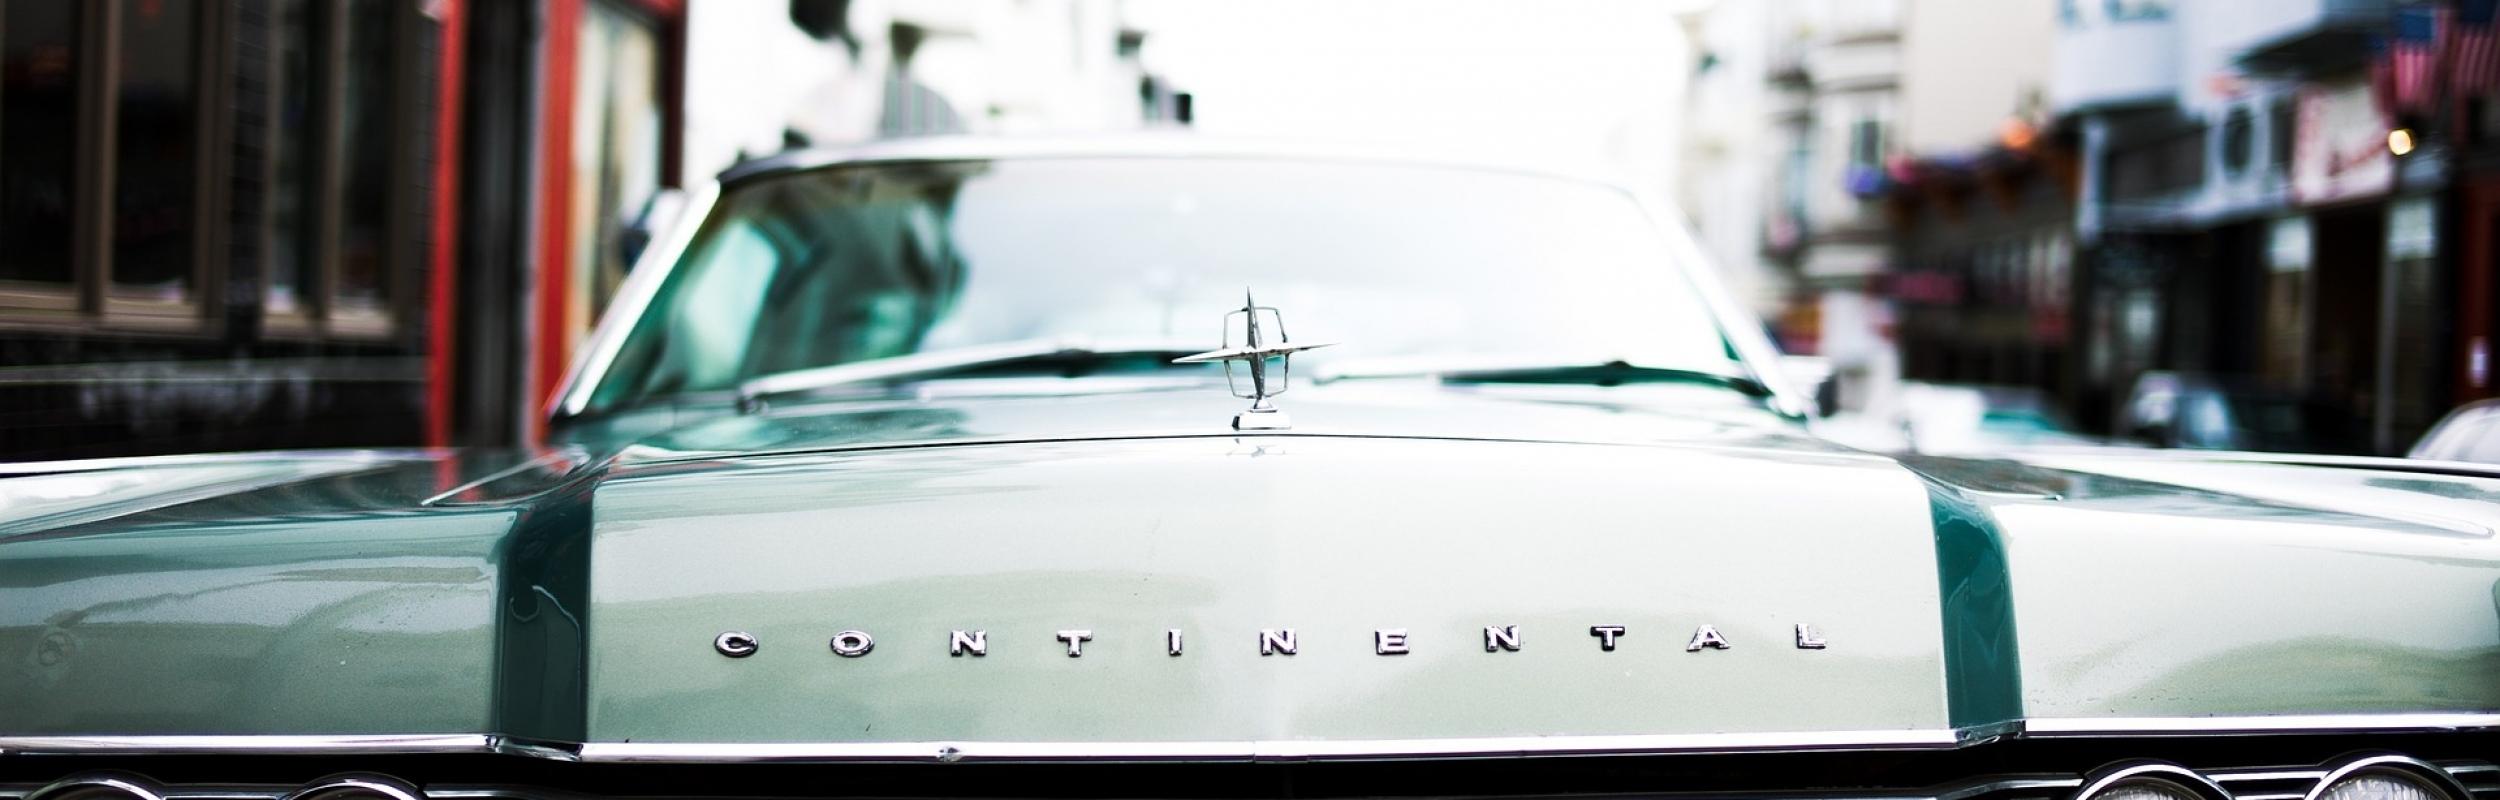 car-1209261_1920